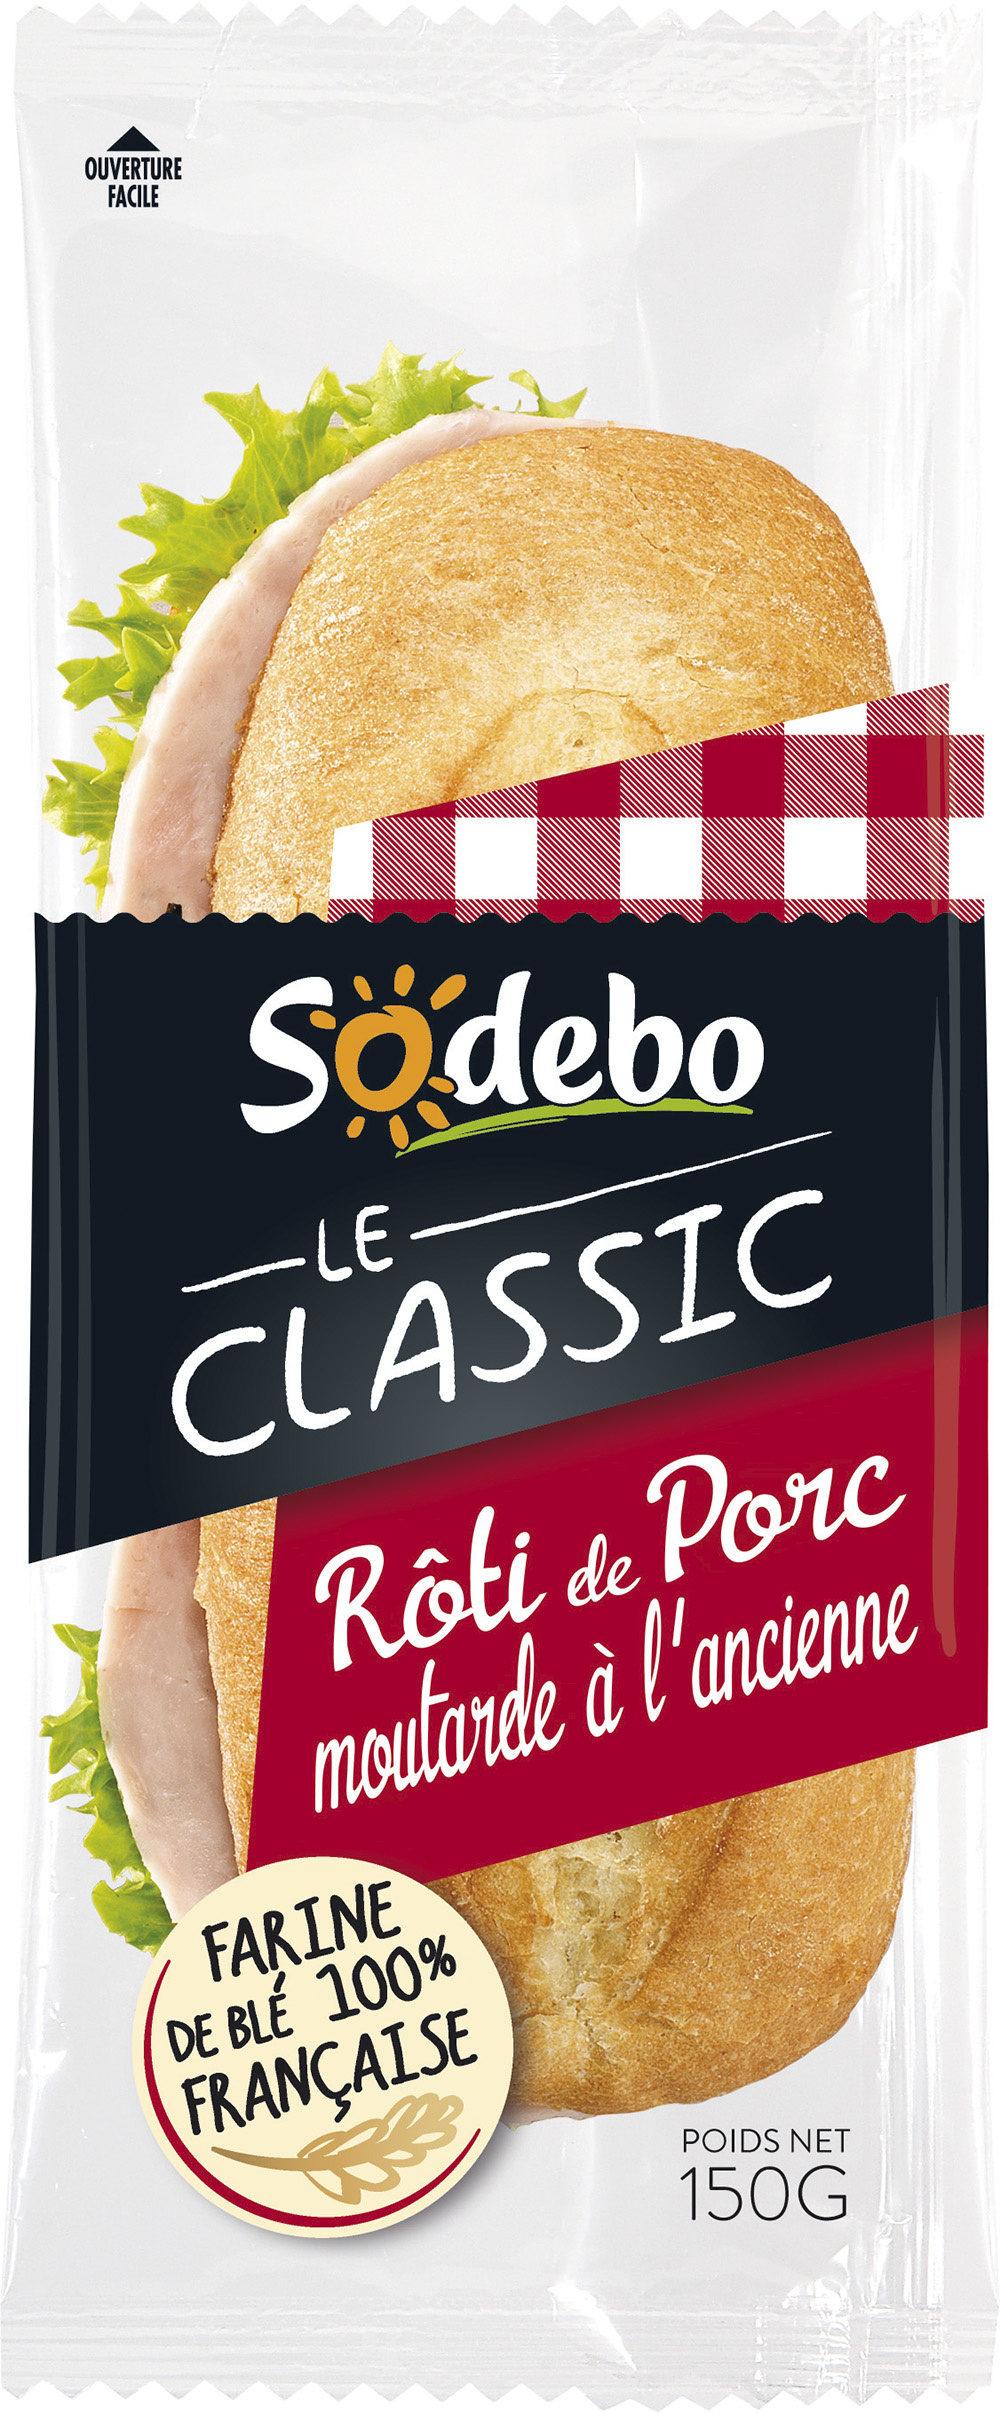 Sandwich Le Classic - Rôti de porc Moutarde à l'ancienne - Produit - fr